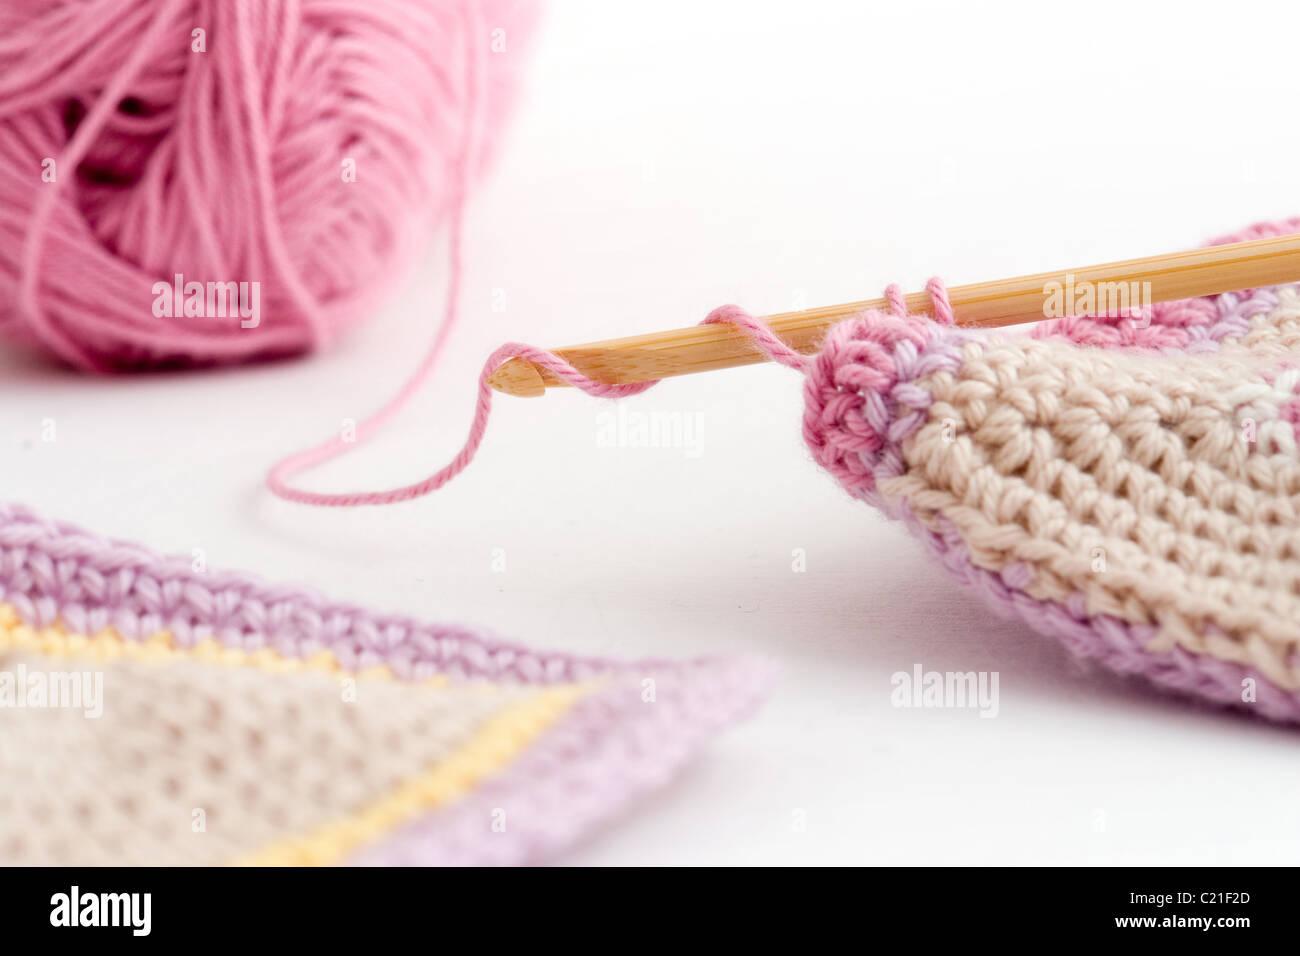 Crochet Crochet Work Imágenes De Stock & Crochet Crochet Work Fotos ...